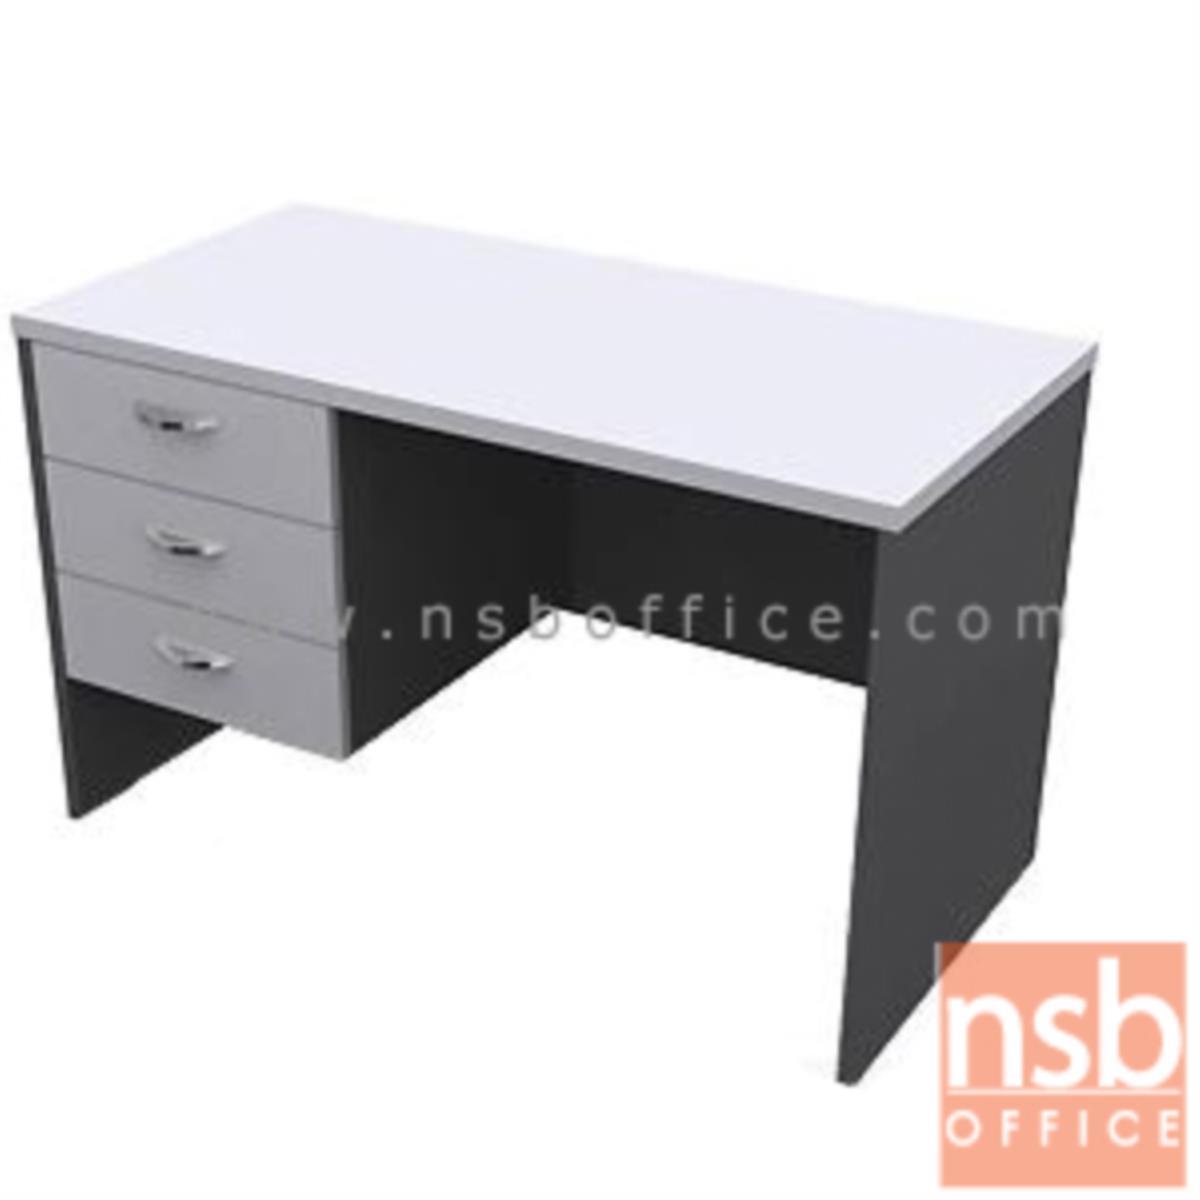 A12A003:โต๊ะทำงาน 3 ลิ้นชัก   รุ่น Chopard (โชพาร์ด) ขนาด 120W ,135W ,150W ,160W*(60D, 75D, 80D) cm.  เมลามีน